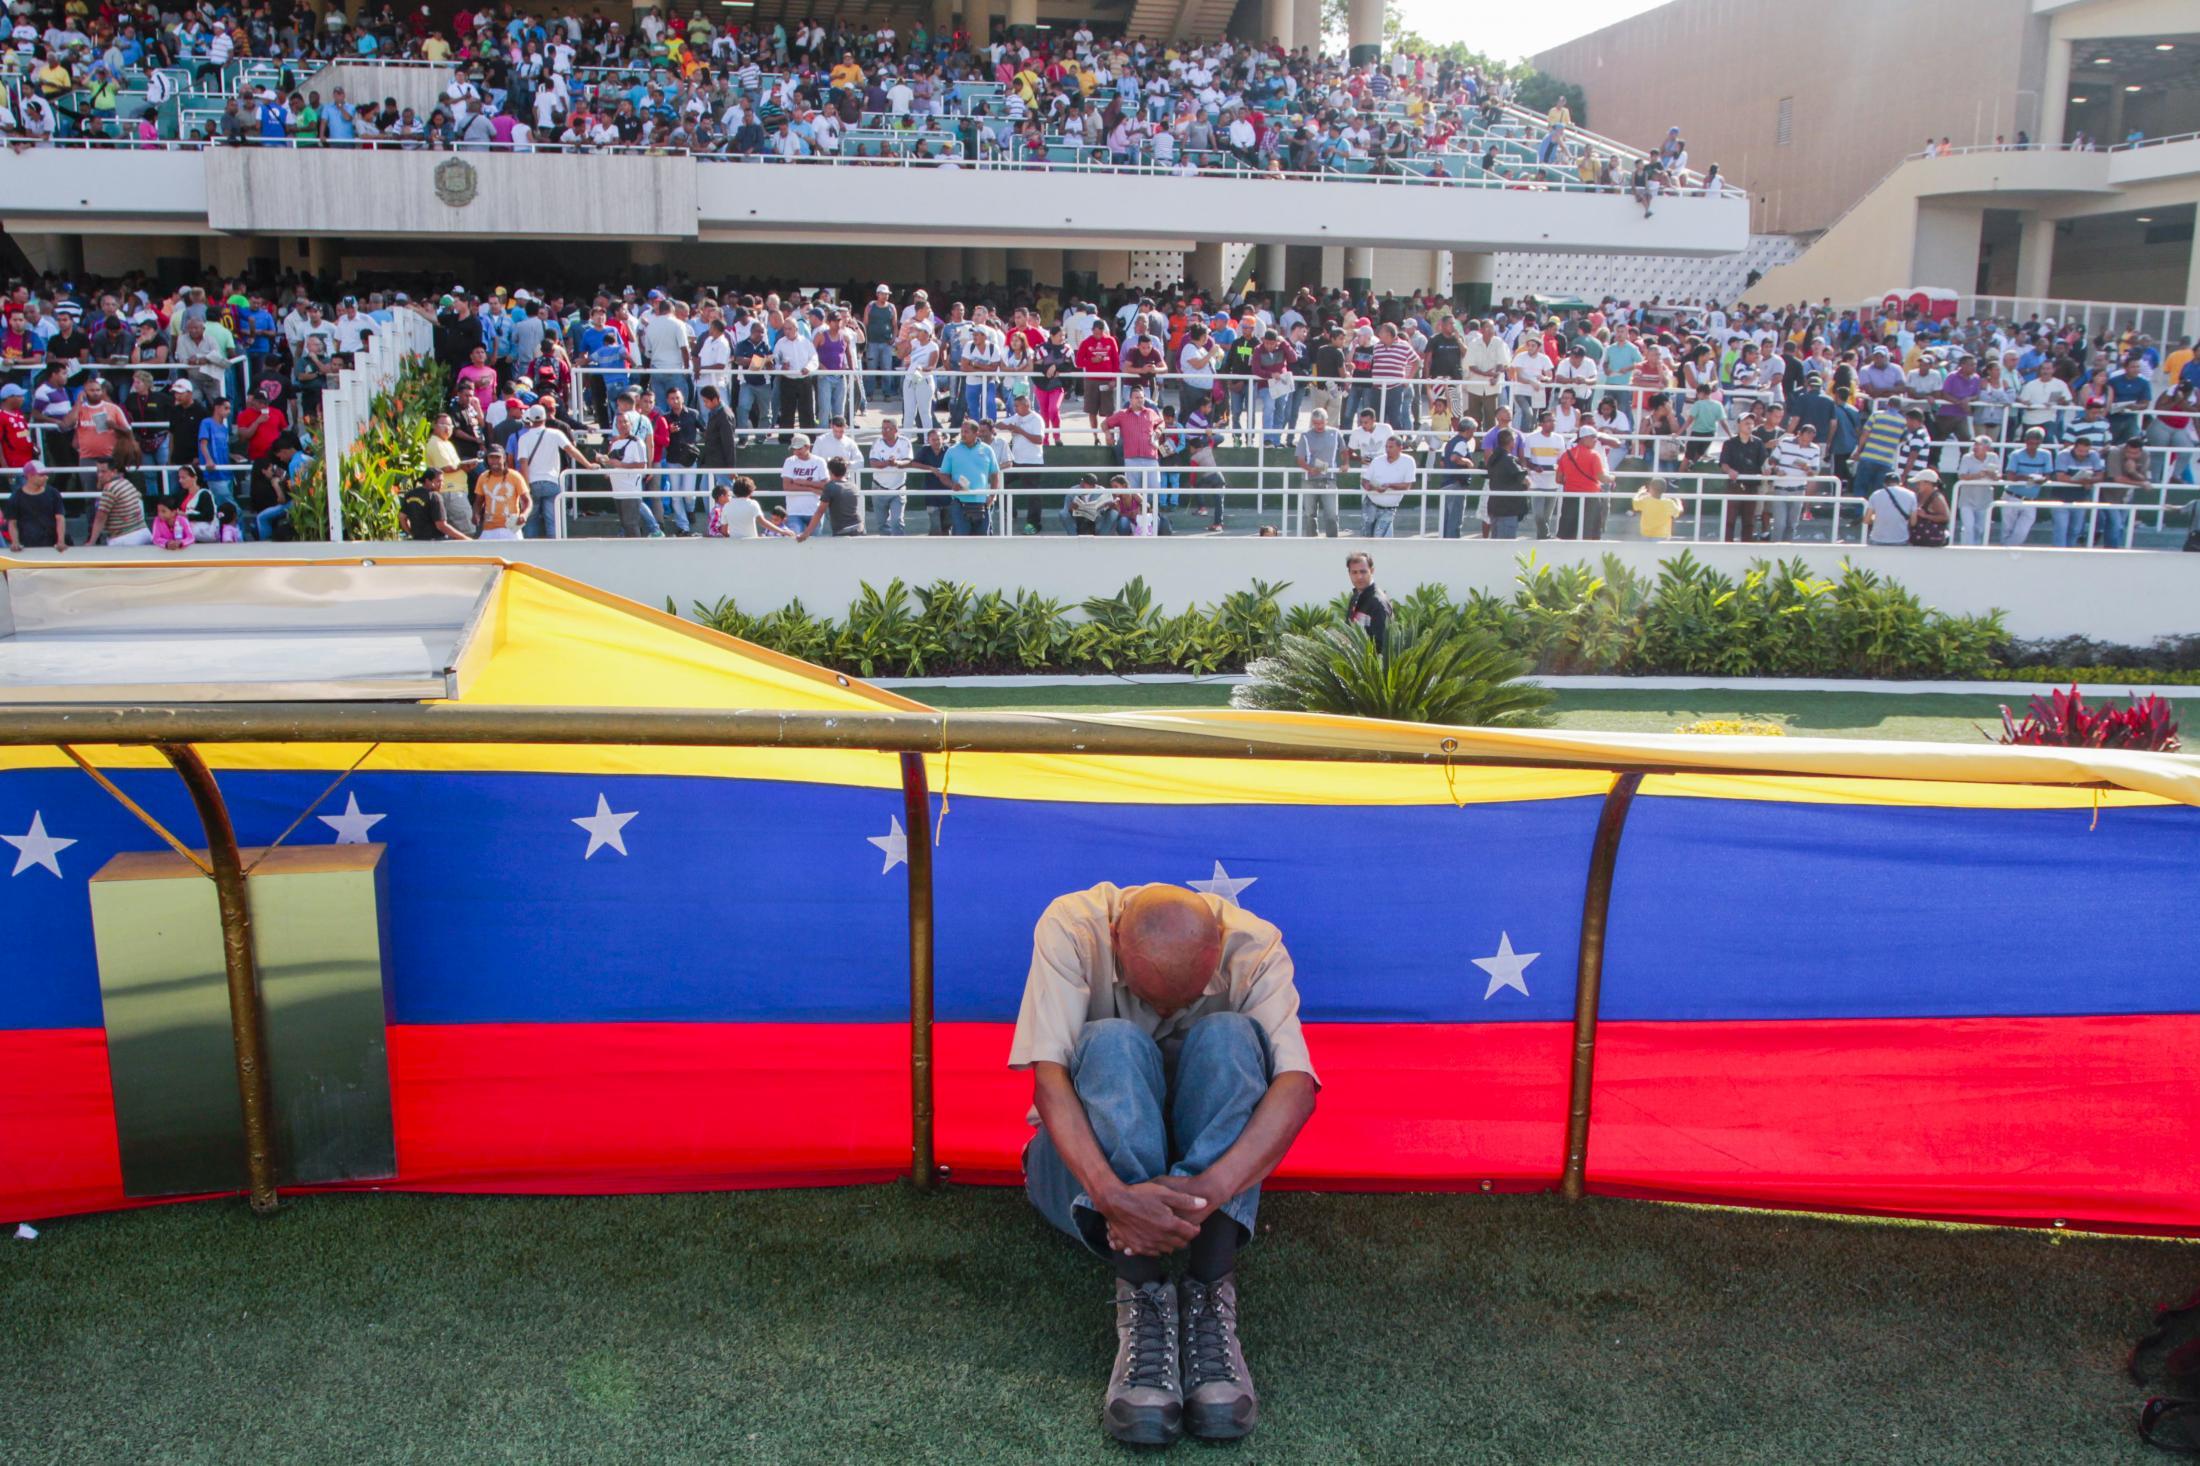 Alberto Torres, migrante colombiano en Venezuela y aficionado al hipismo, retrayéndose luego de una carrera en el Hipódromo La Rinconada. Caracas, Venezuela. 22/03/2015.